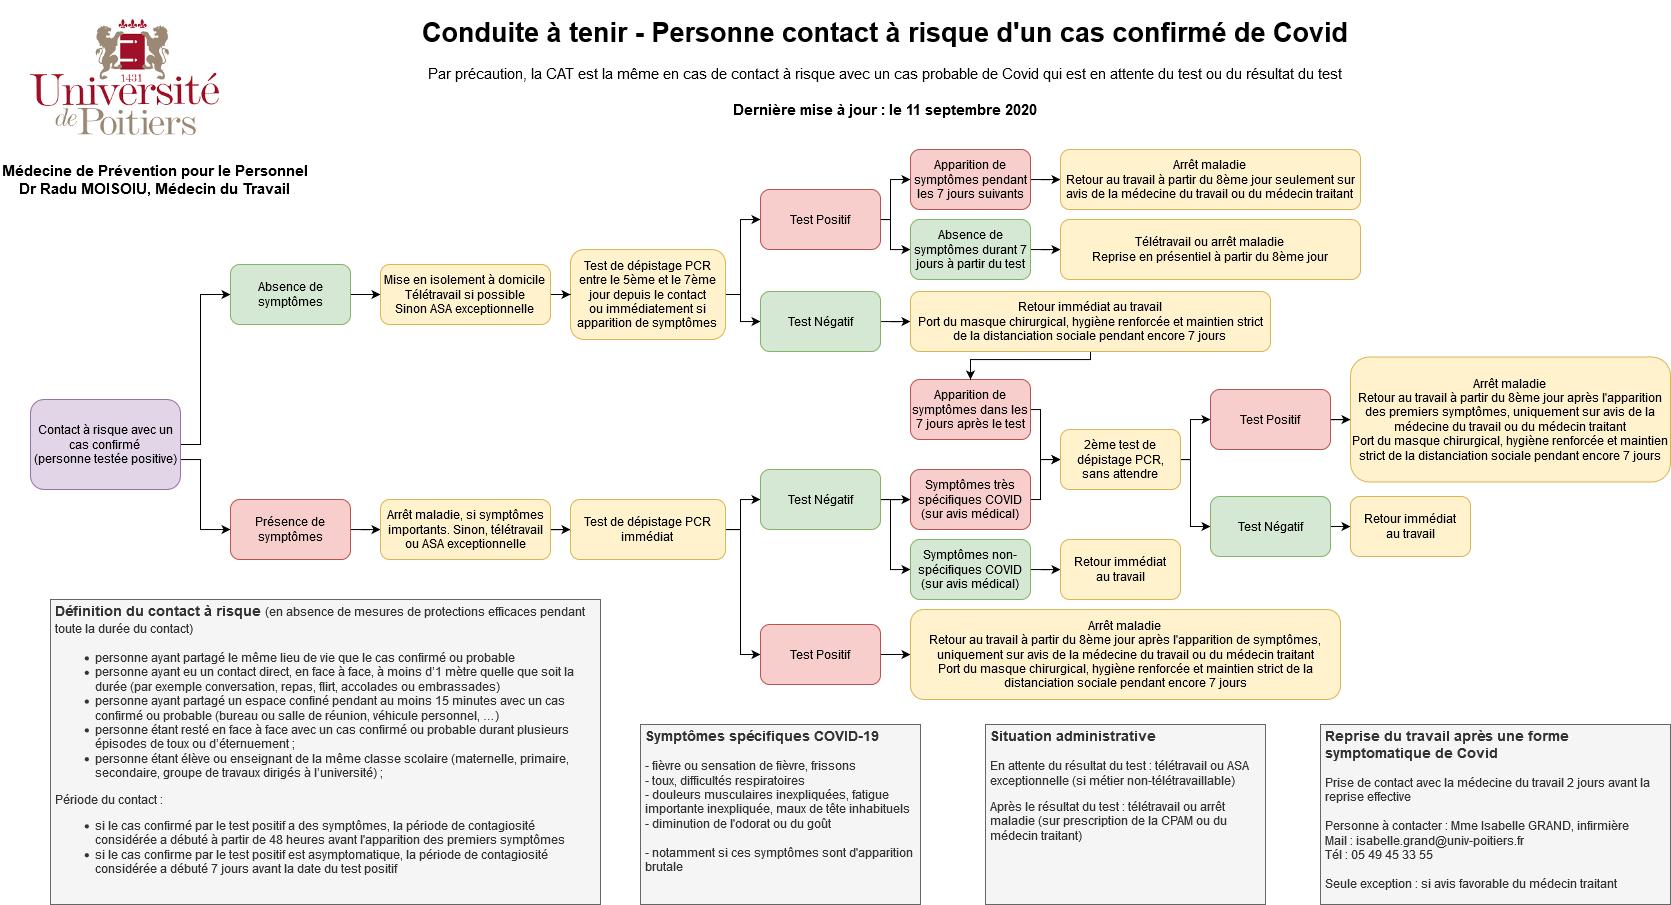 Conduite à tenir en cas de contact à risque avec un cas suspect/confirmé de COVID-19